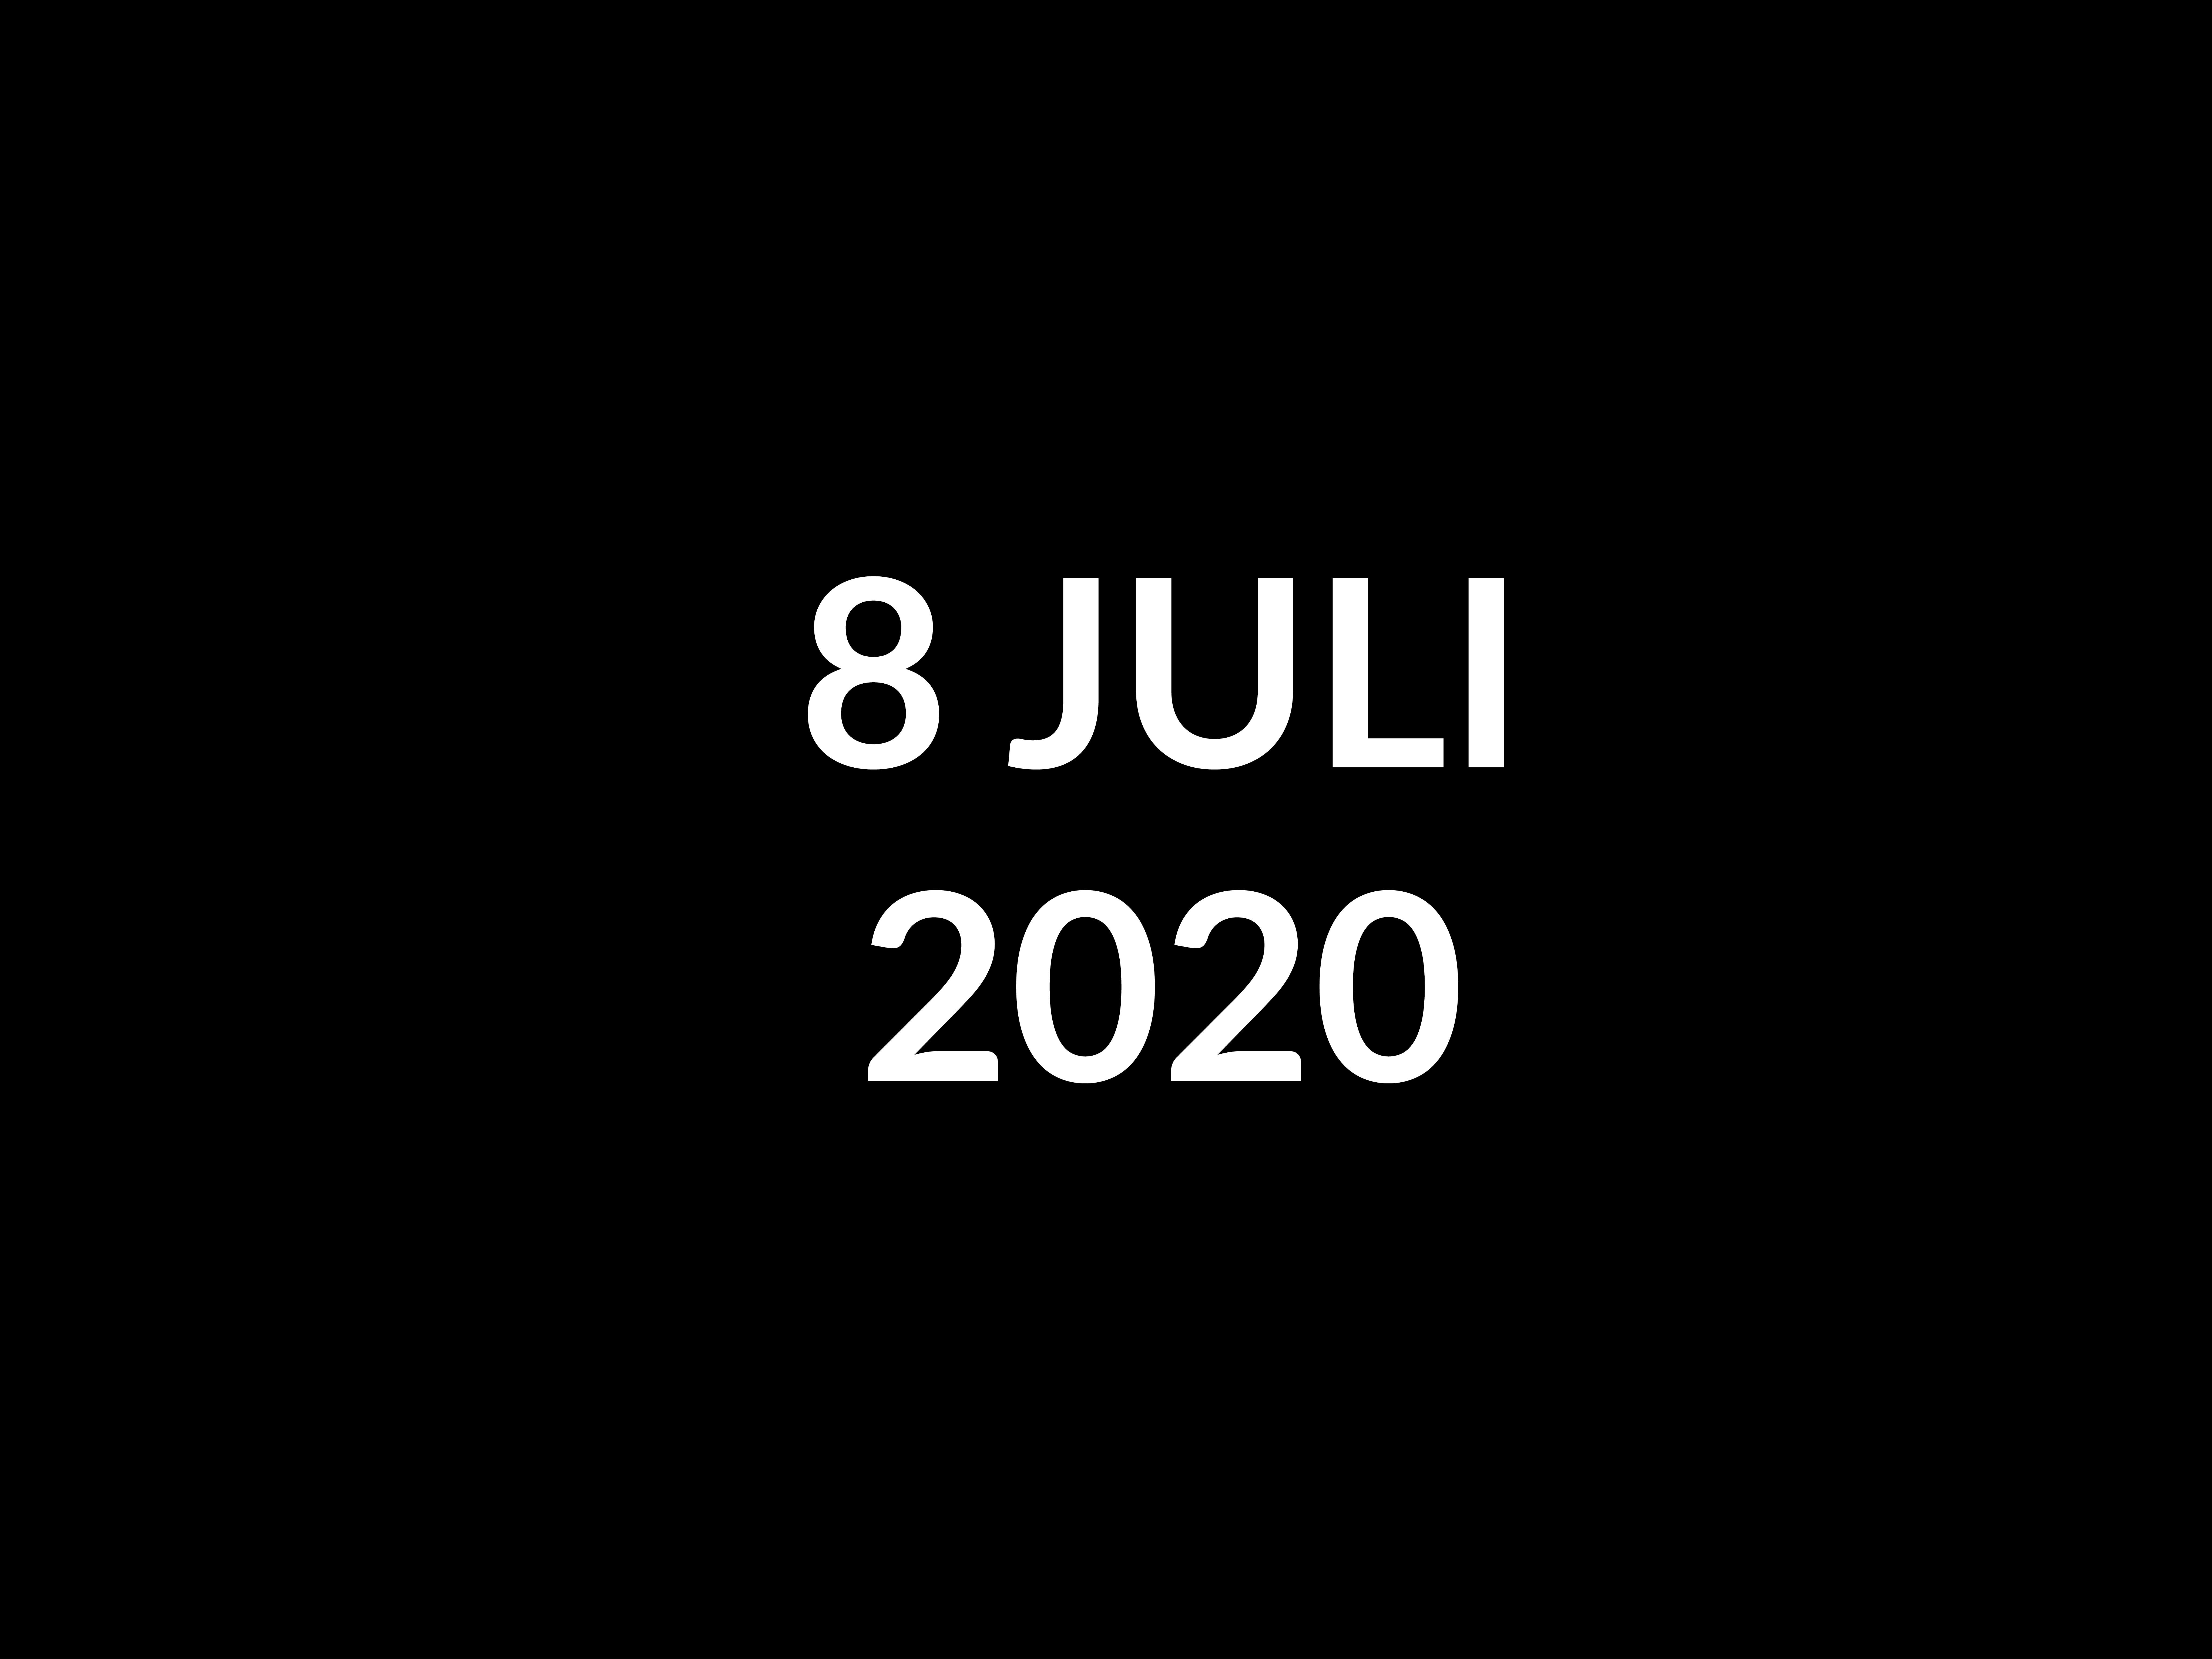 POSEREN KUN JJE LEREN, JUL 2020-8 JULI 2020